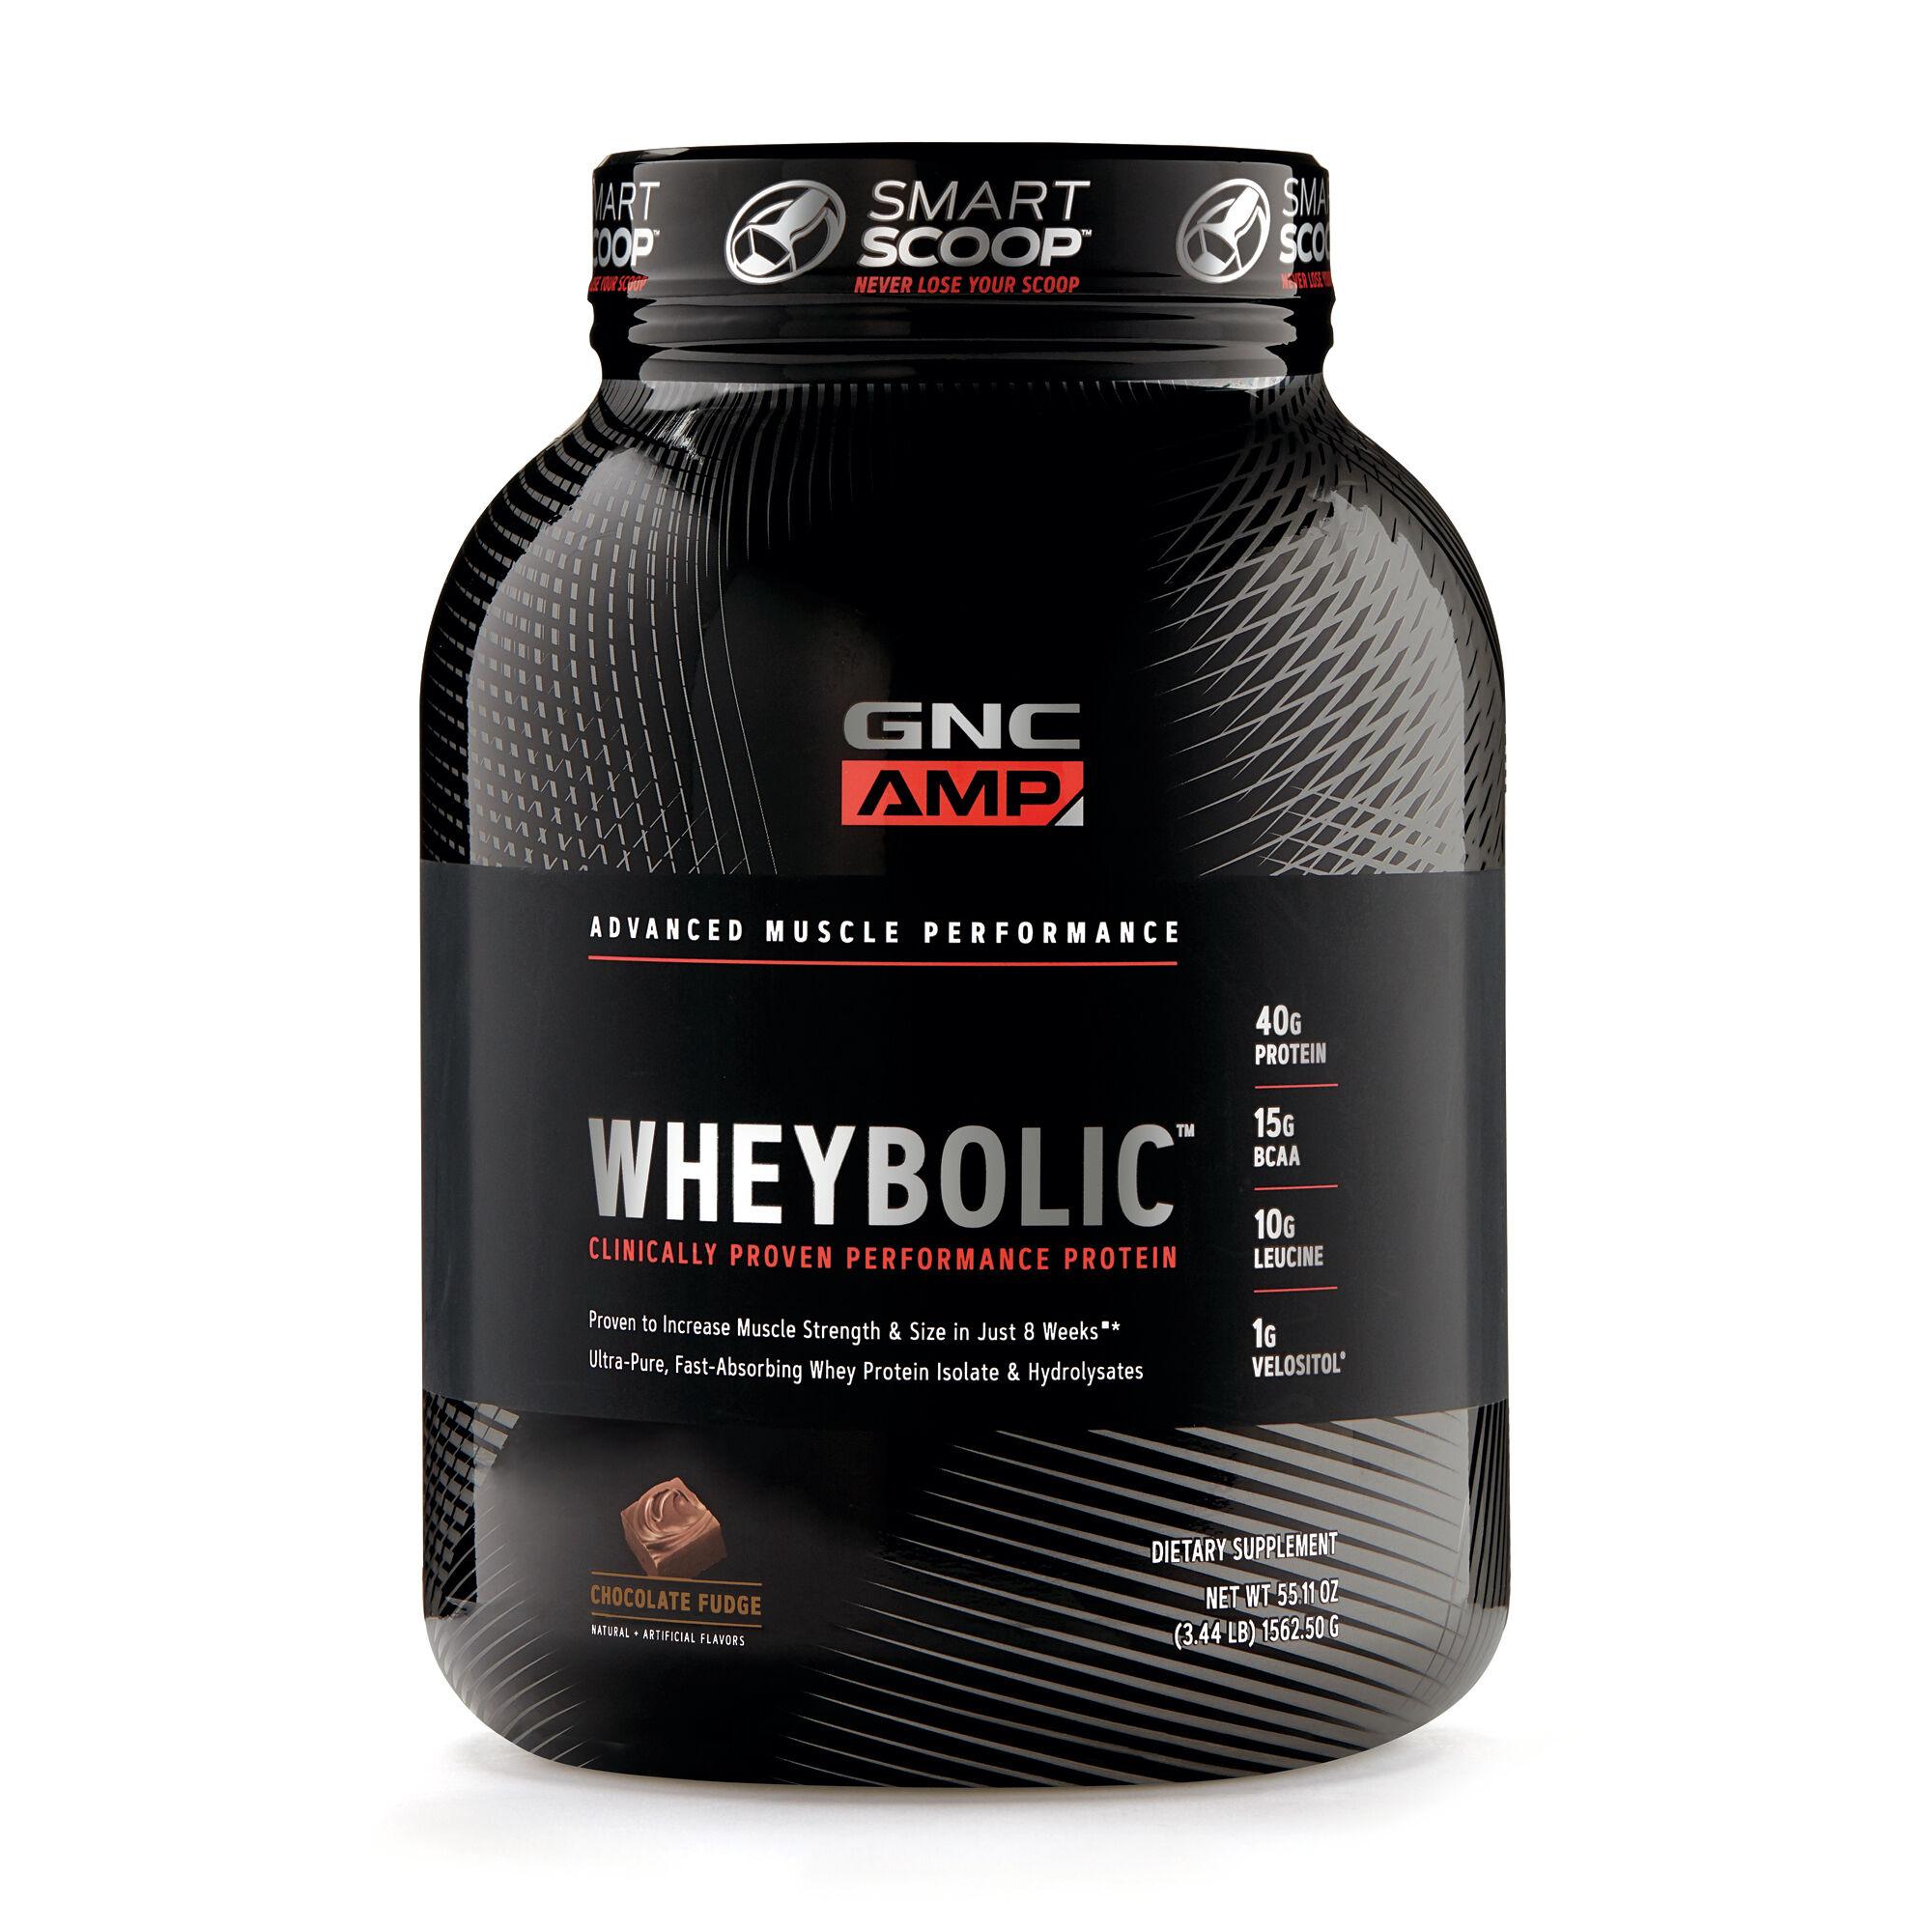 GNC AMP Wheybolic™